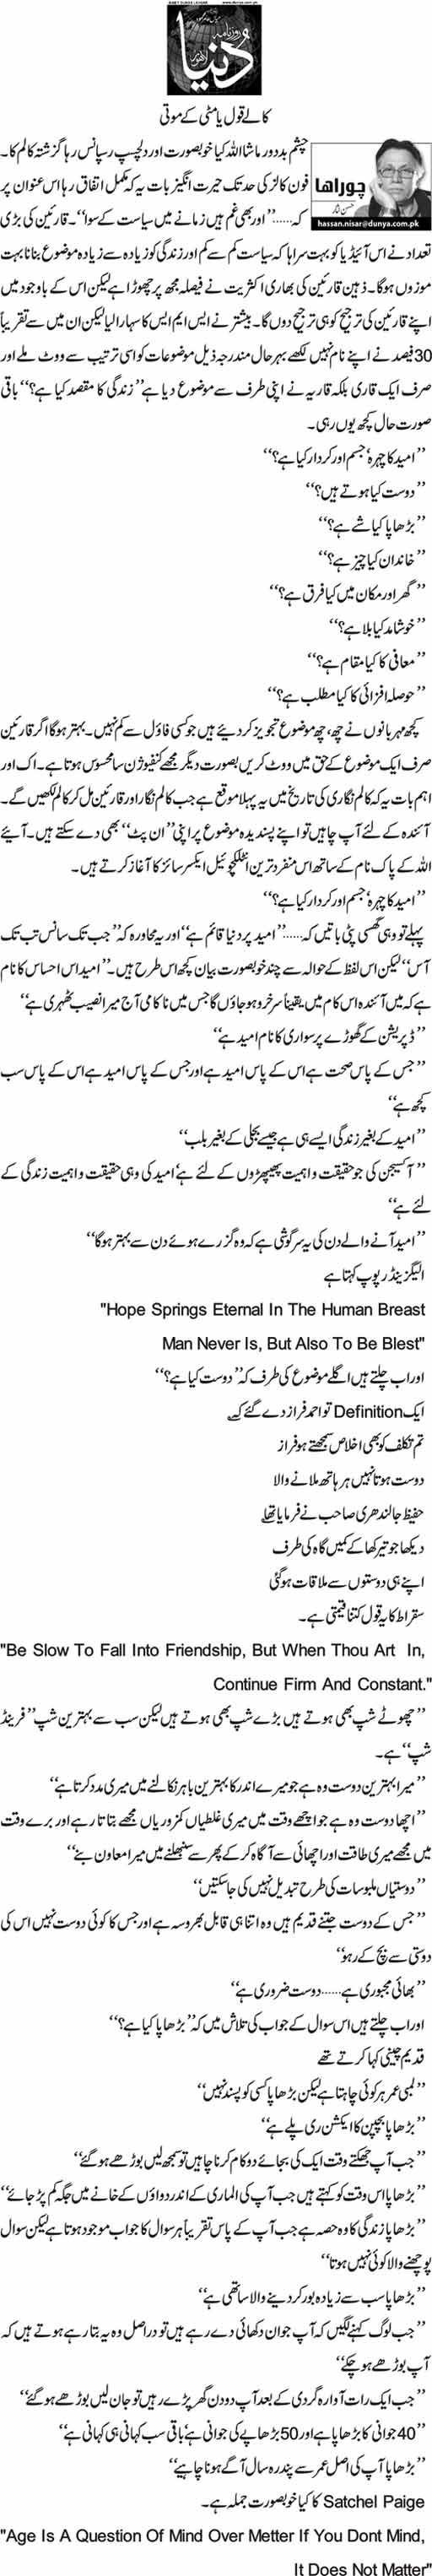 Kalay Qaul ya matti k moti - Hassan Nisar